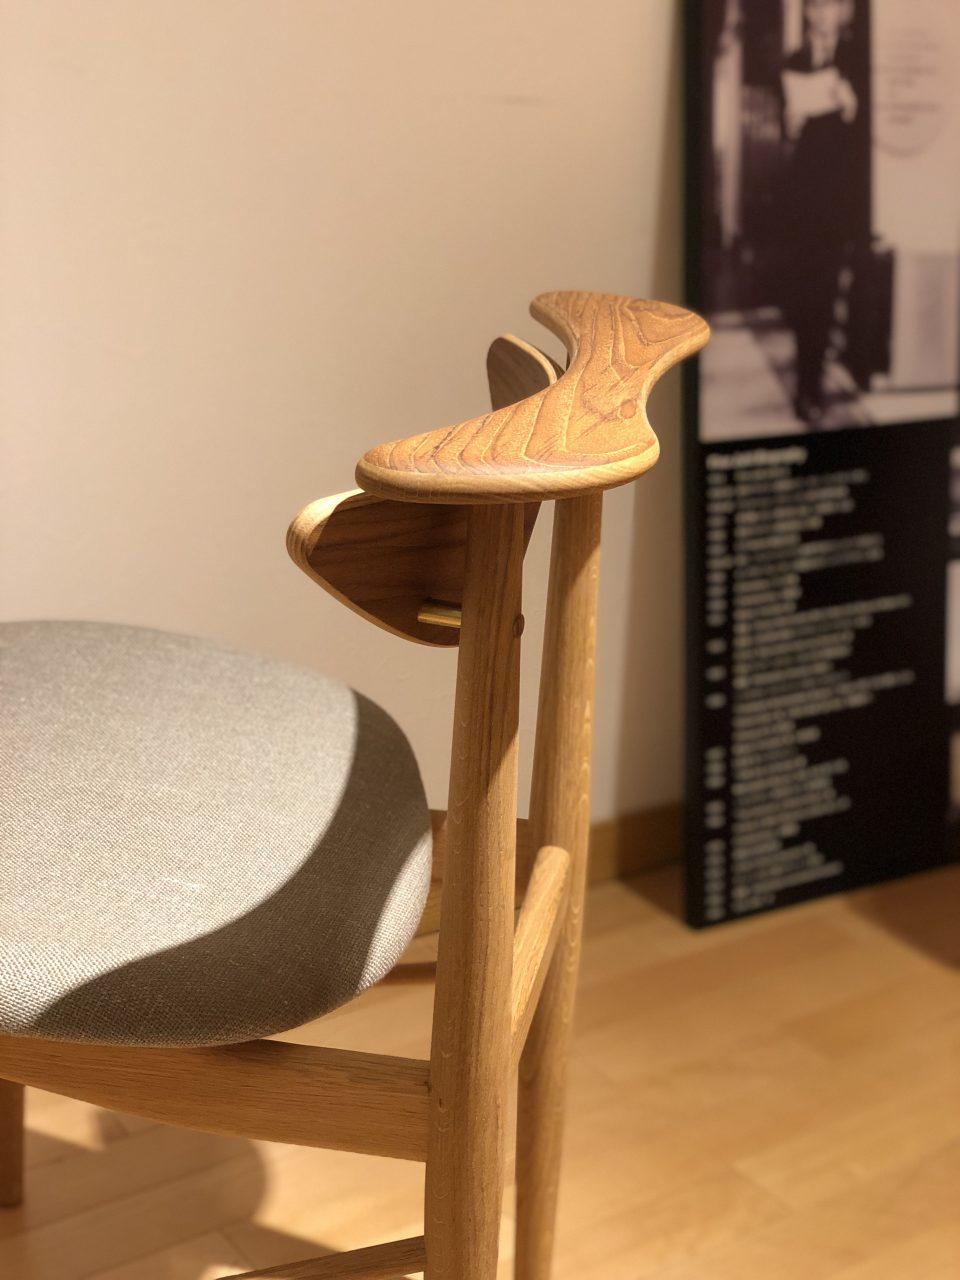 チーク材とオーク材のコンビネーションのリーディングチェアは、フィンユールの個性的な椅子です。